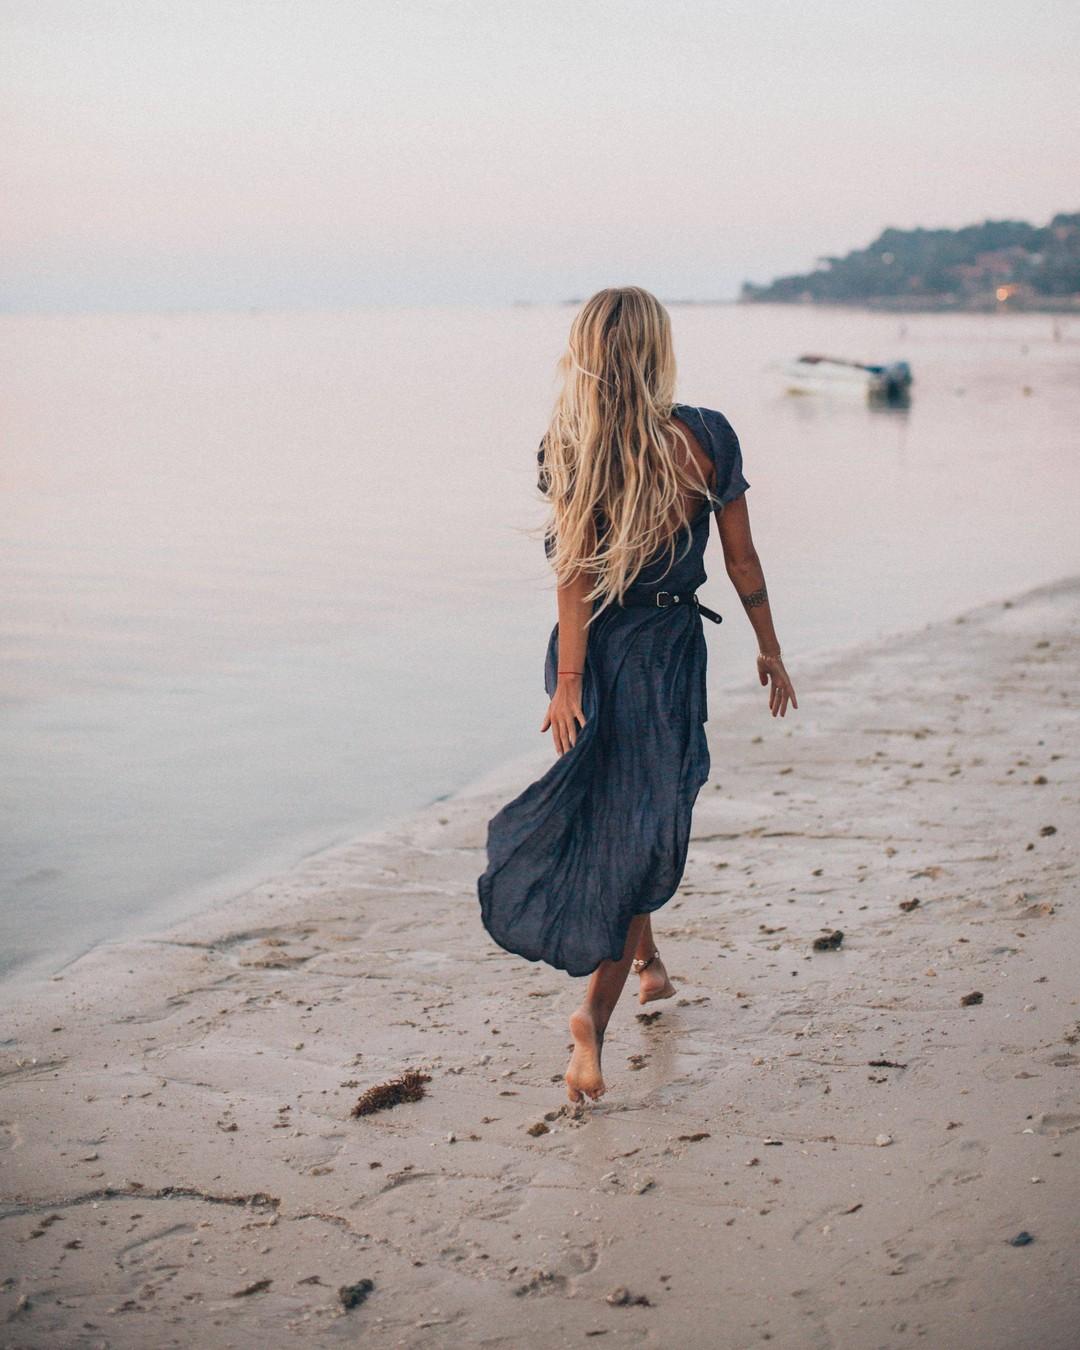 """""""Podróże to jedyna rzecz na którą wydajemy pieniądze, a stajemy się bogatsi."""" #enjoylife #motivationthursday #goodmorning #true #prawda #cytat #cytatdnia #wisdomquotes #lifequotestoliveby #gratitudequotes #happinessquotes #mindfulnessquotes #inspirationalwords #inspirationalquotesandsayings #inspiracja #happiness #szczescie #szczesciejestproste #wordsofwisdom #lifelessons #thoughtoftheday #positivequotes #inspiringquotes #quoteoftheday #quotestoliveby #quotesgram #quotesandsayings #quotestagram #summer #summerquotes"""